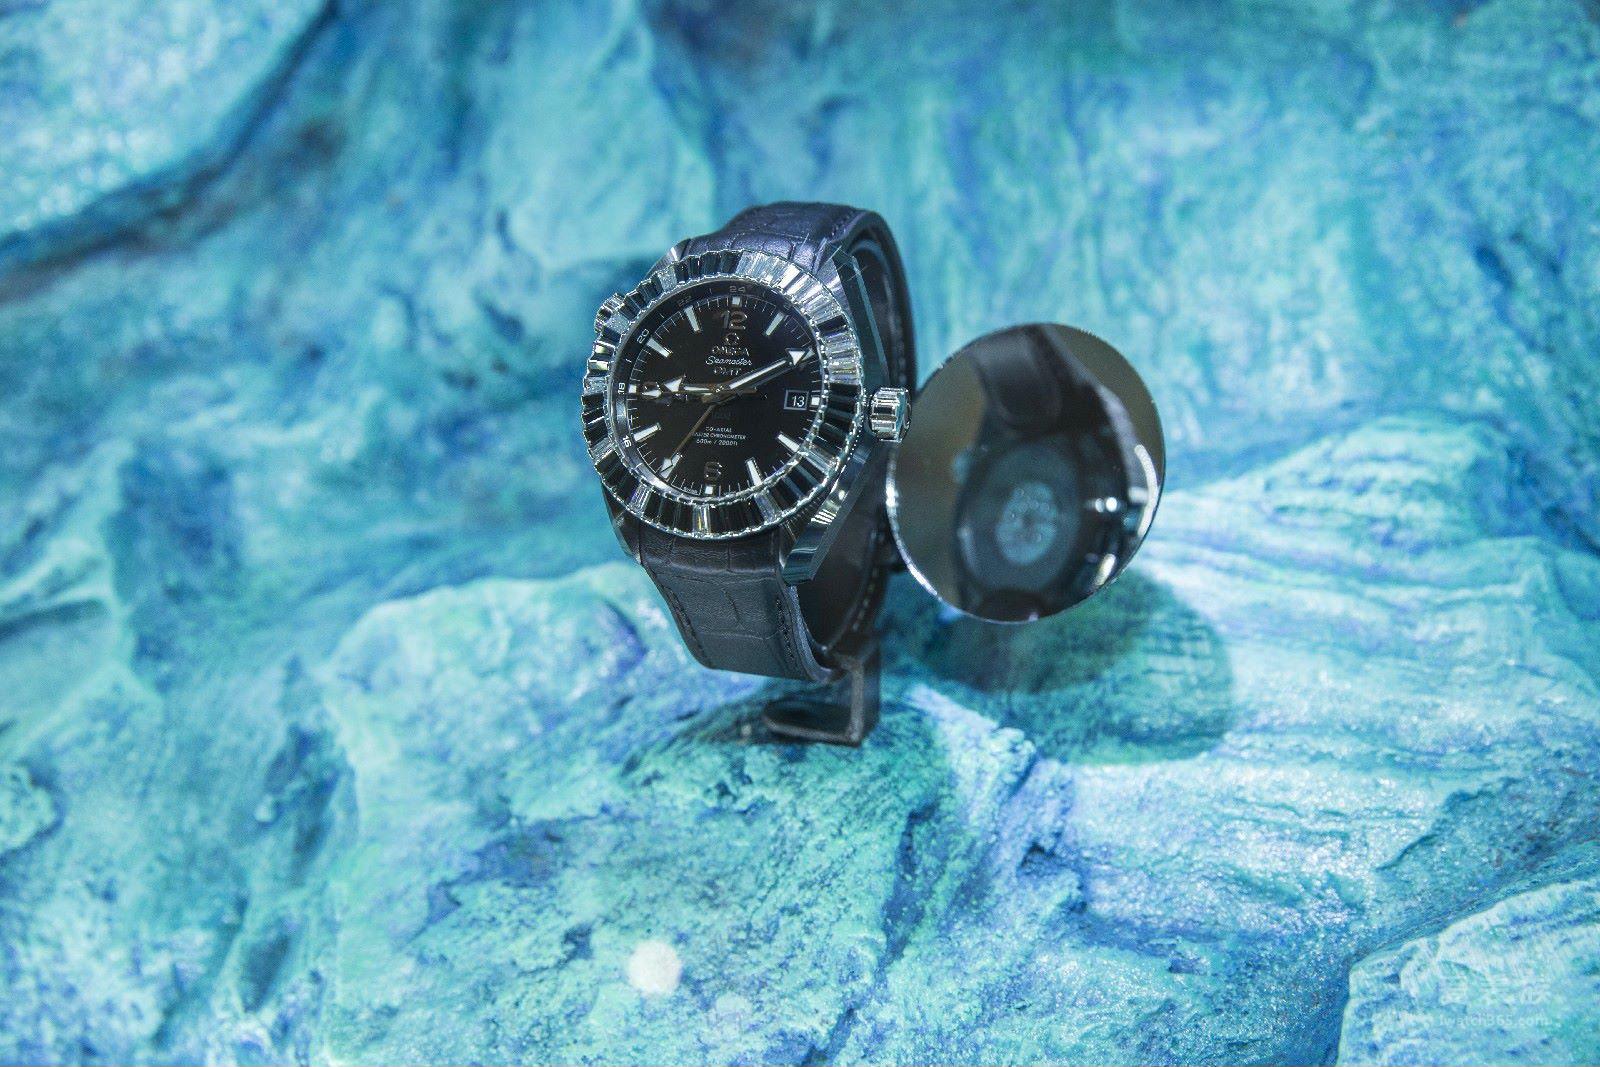 """在北京SKP的""""黑色风暴""""腕表展中,欧米茄同样推出了完全契合黑色主题的海马系列海洋宇宙""""深海之黑""""SKP限量版腕表,这是欧米茄首度为北京SKP量身定制的腕表,表壳由黑色陶瓷和铂金精心打造而成,整只腕表共镶嵌116颗长方形切割的钻石。"""